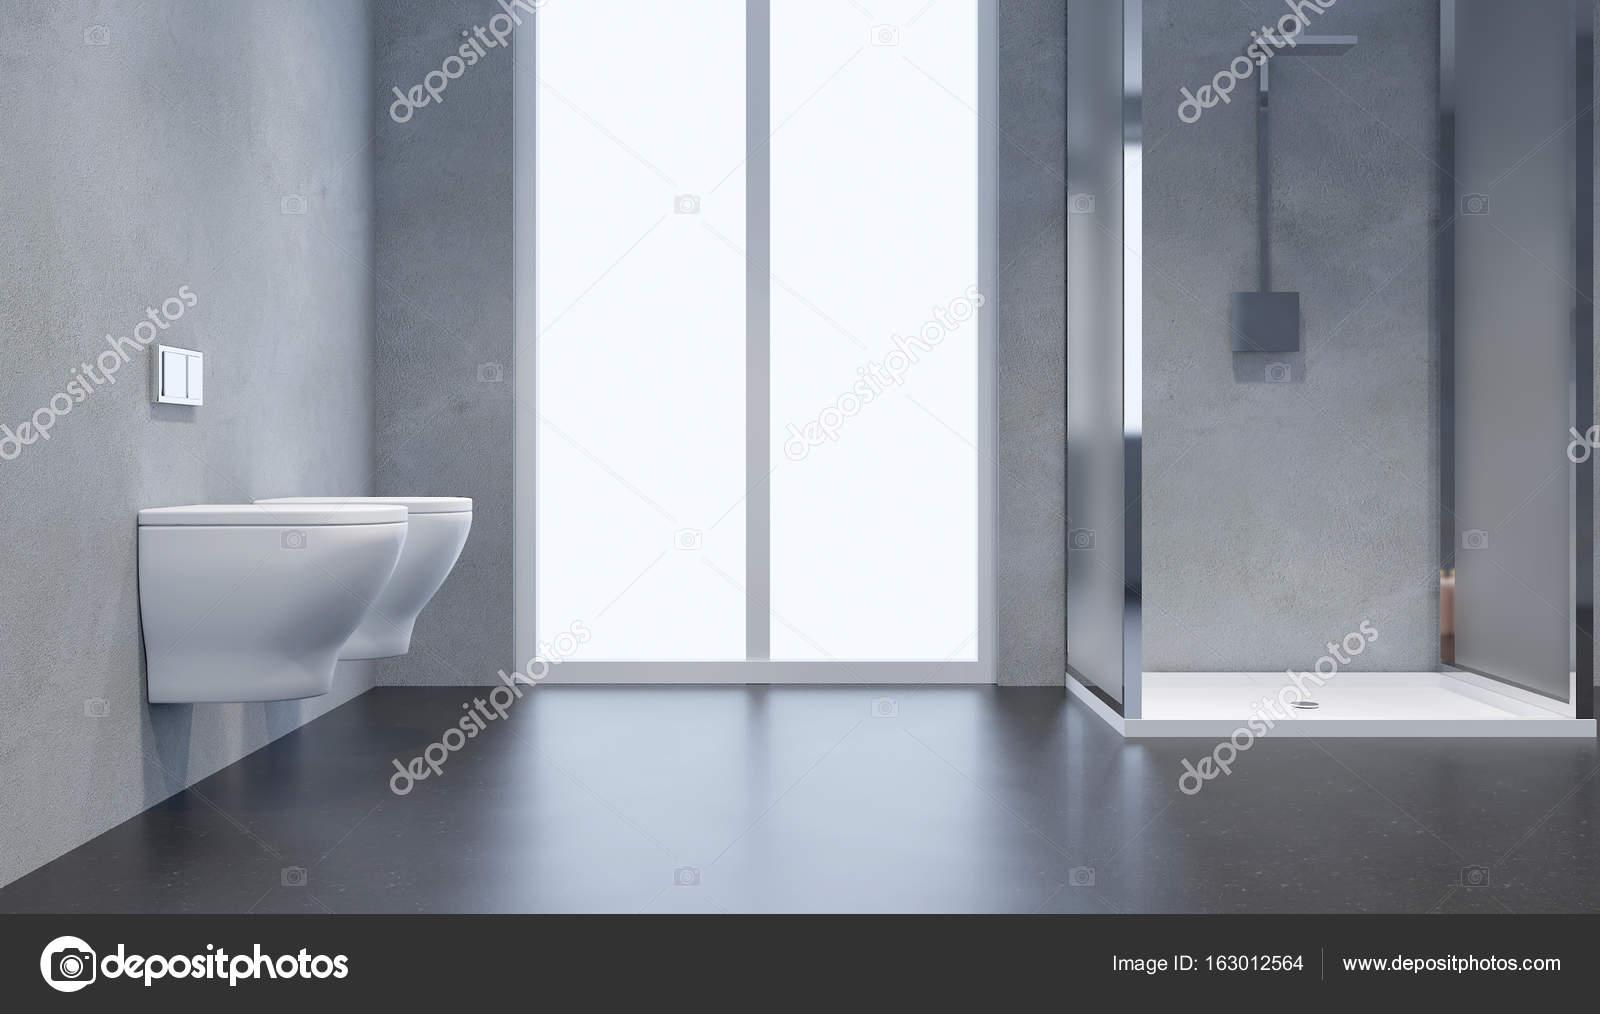 Glazen Schuifdeur Badkamer : Schuifdeur badkamer fresh glazen schuifdeur binnen google zoeken